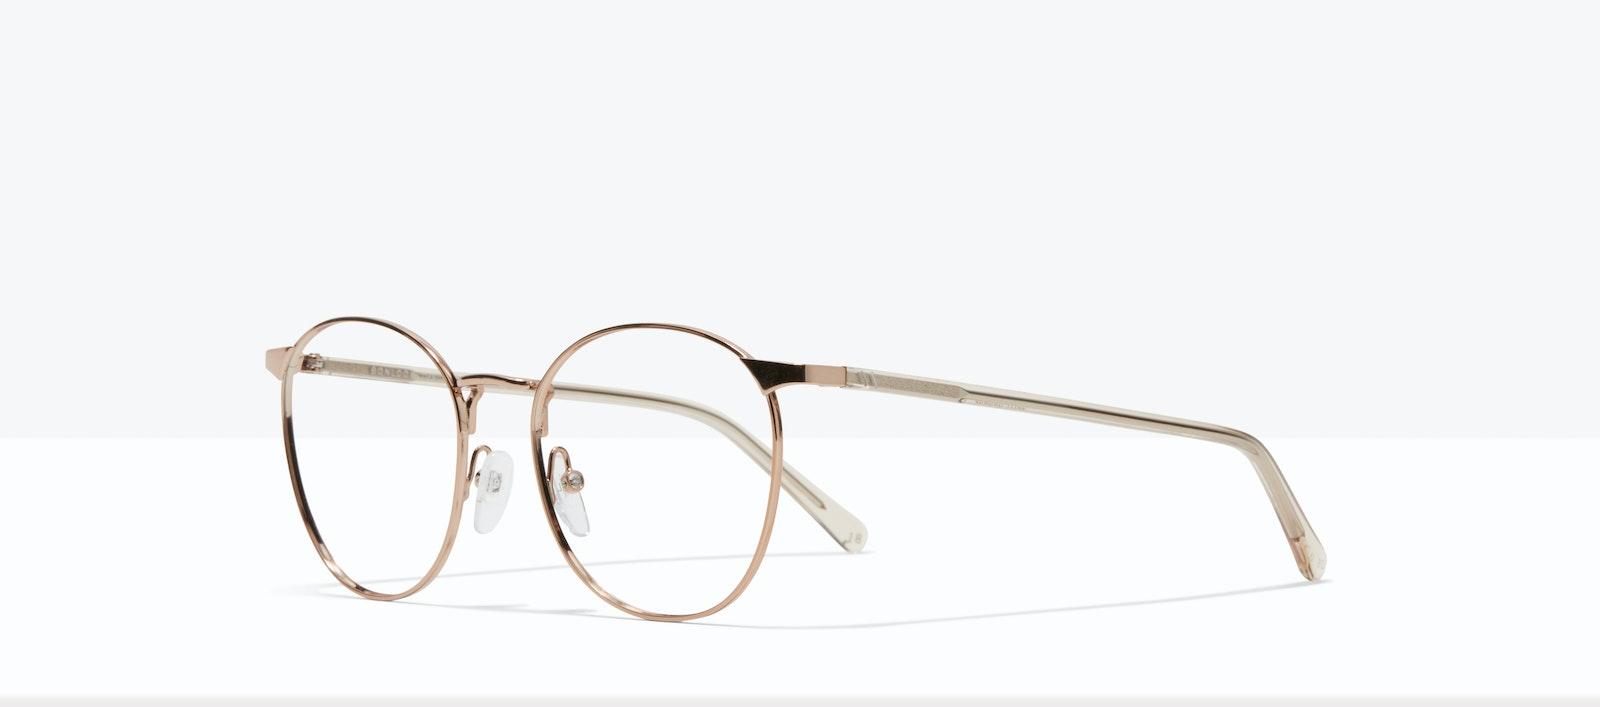 Affordable Fashion Glasses Round Eyeglasses Women Romy M Aurore Tilt